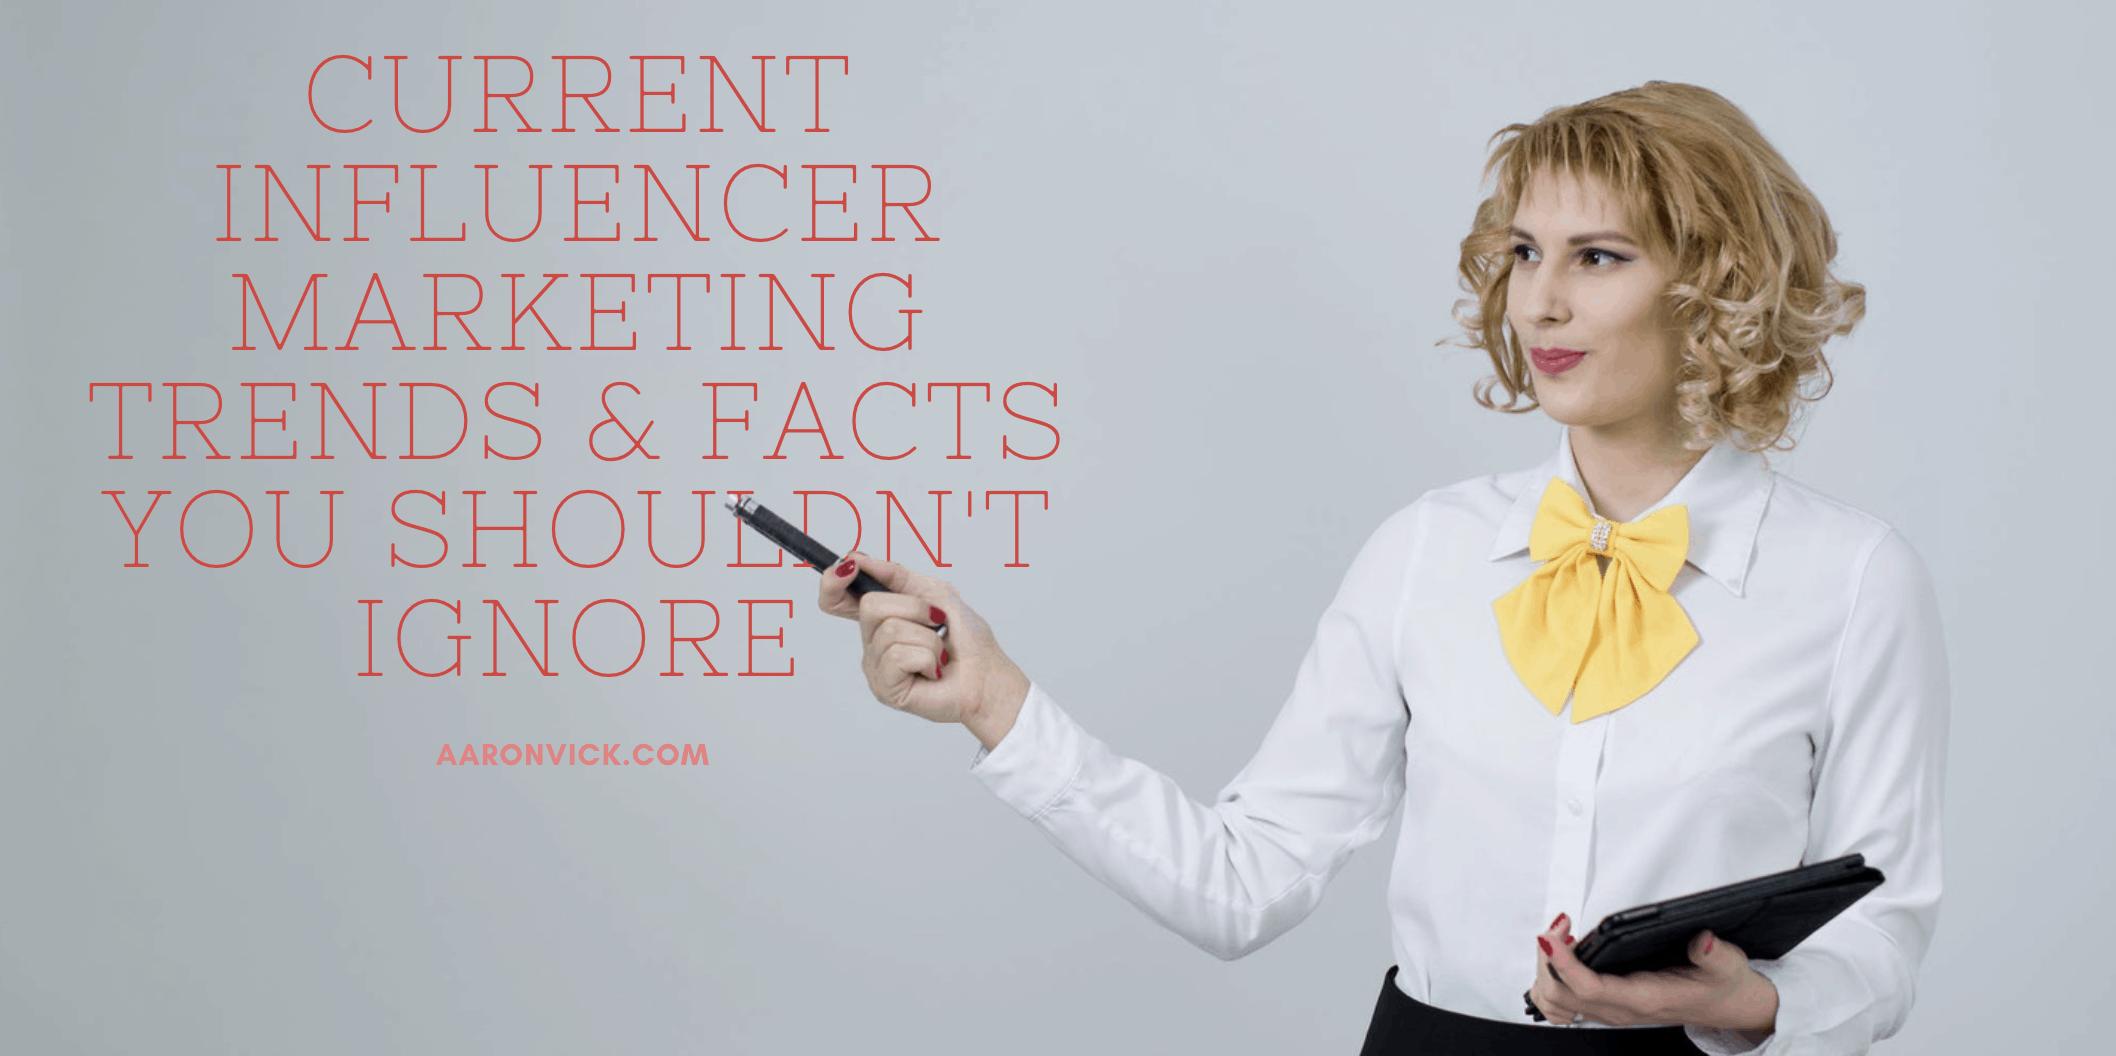 AaronVick -Current Influencer Marketing Trends